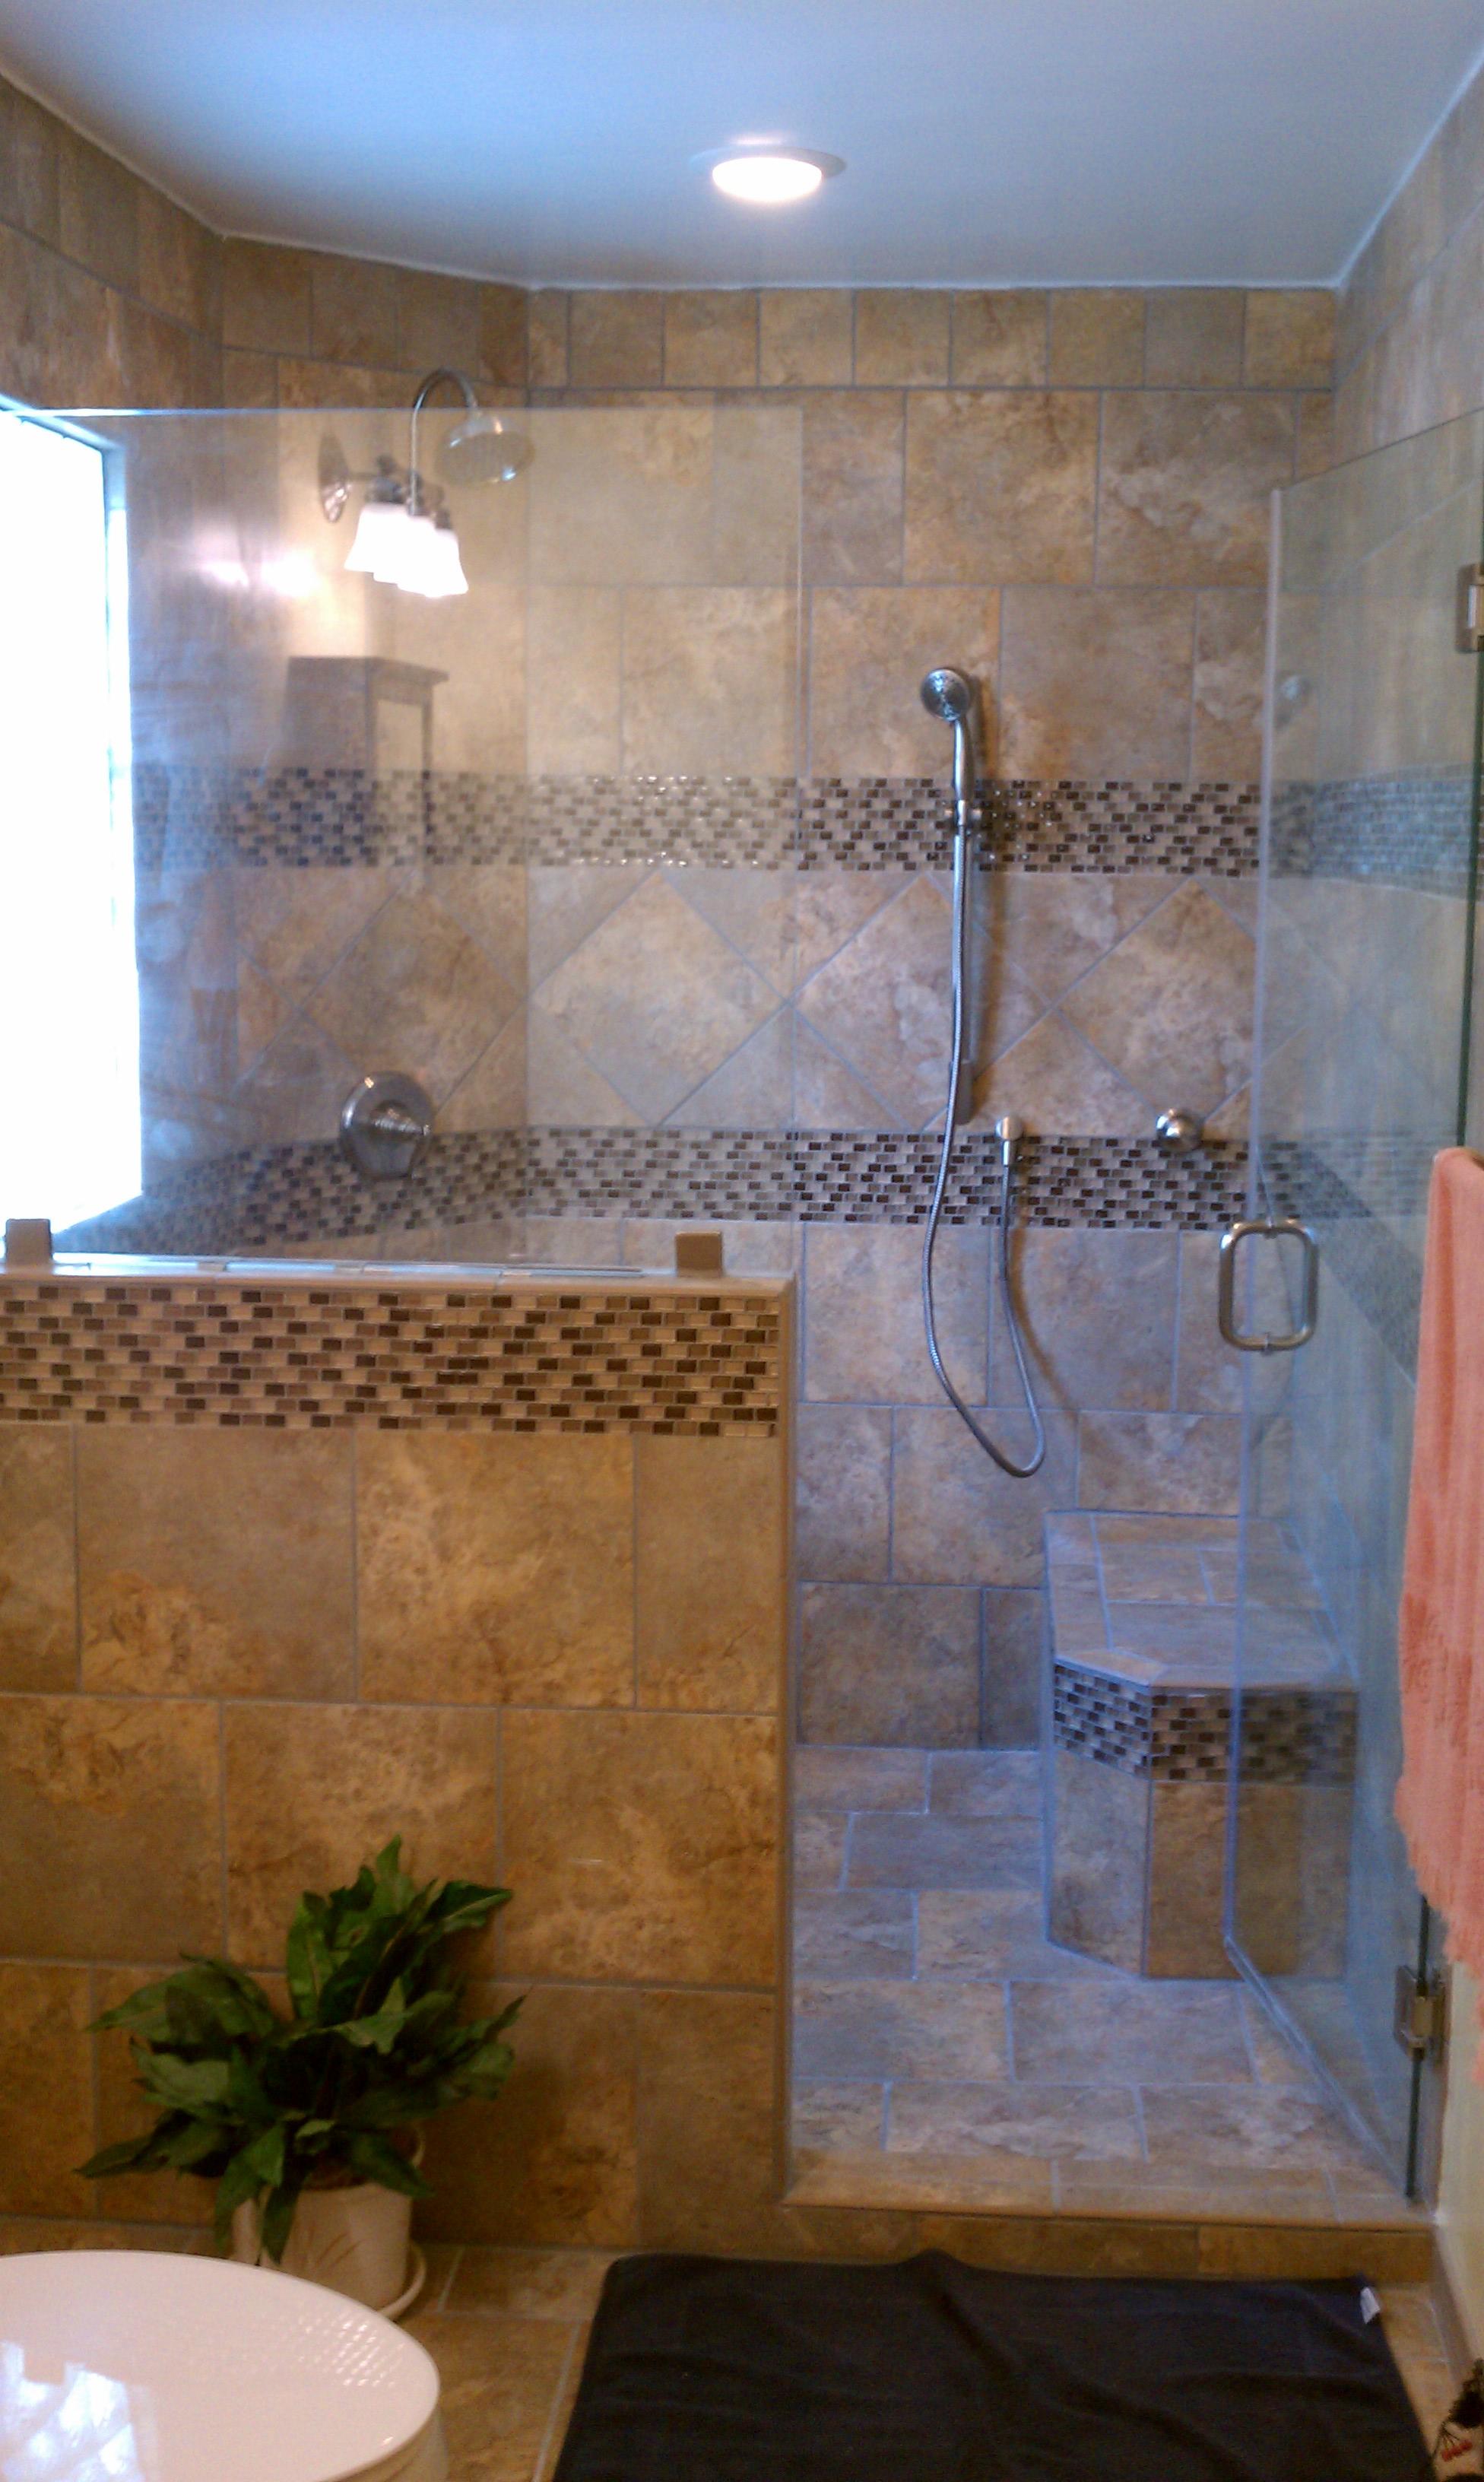 shower curtain vs shower door page 4 babycenter. Black Bedroom Furniture Sets. Home Design Ideas